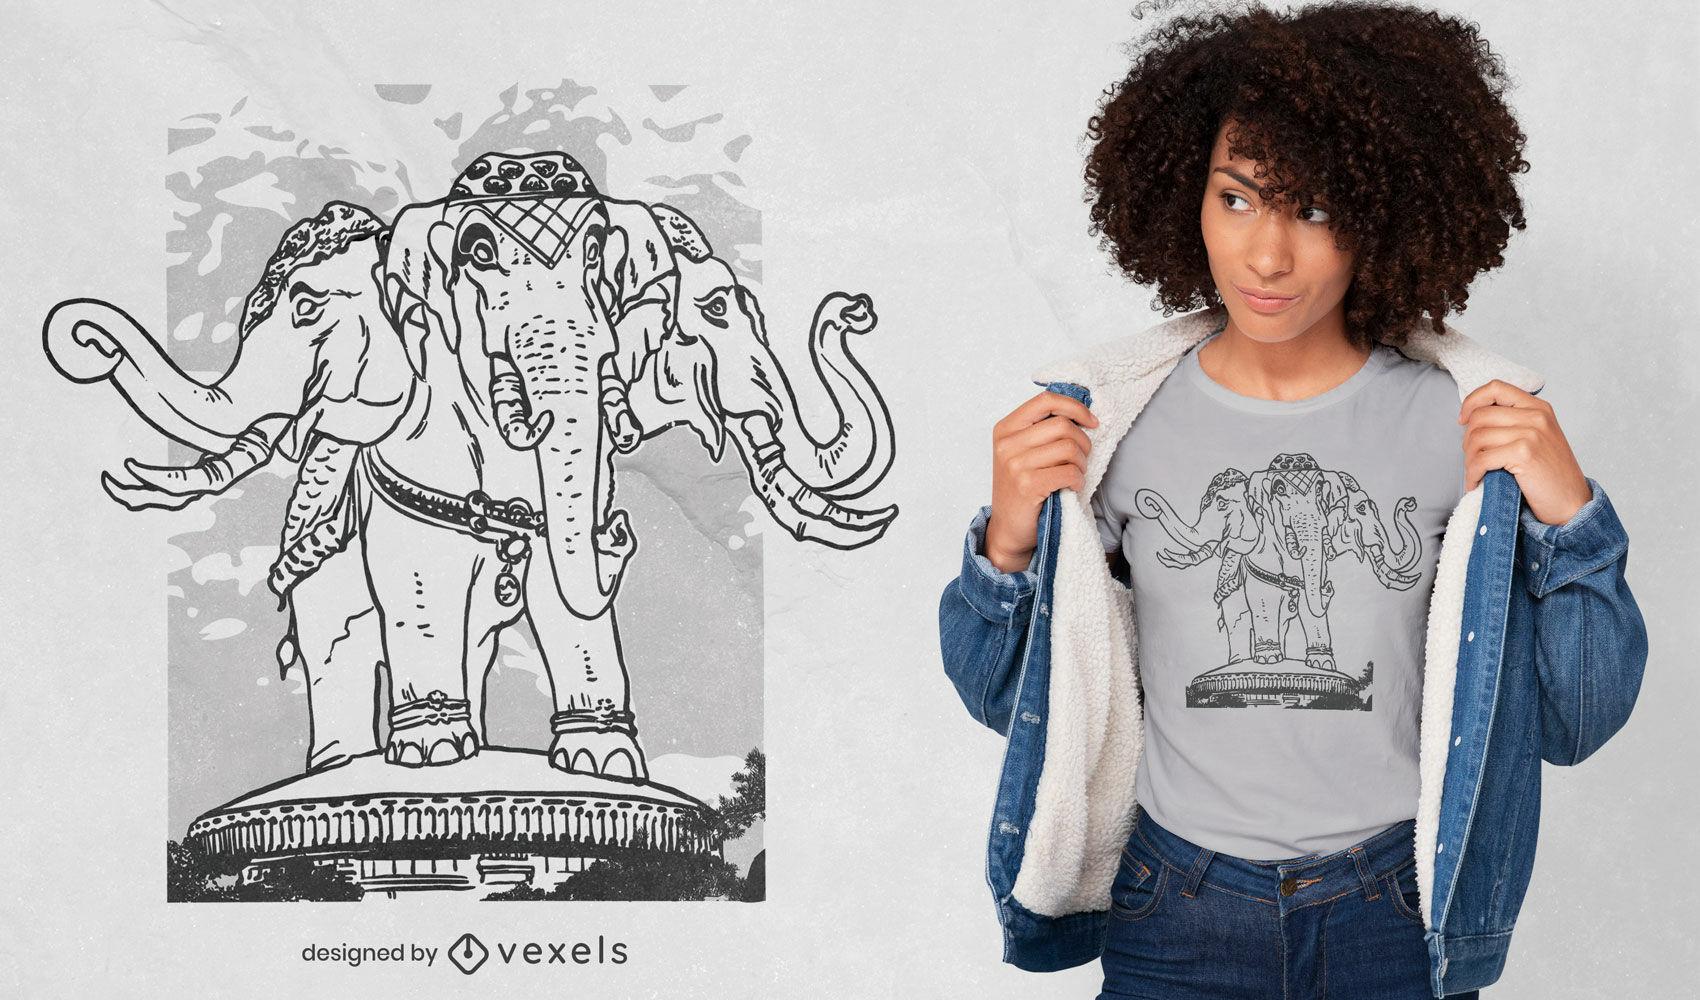 Diseño de camiseta de elefante de tres cabezas.